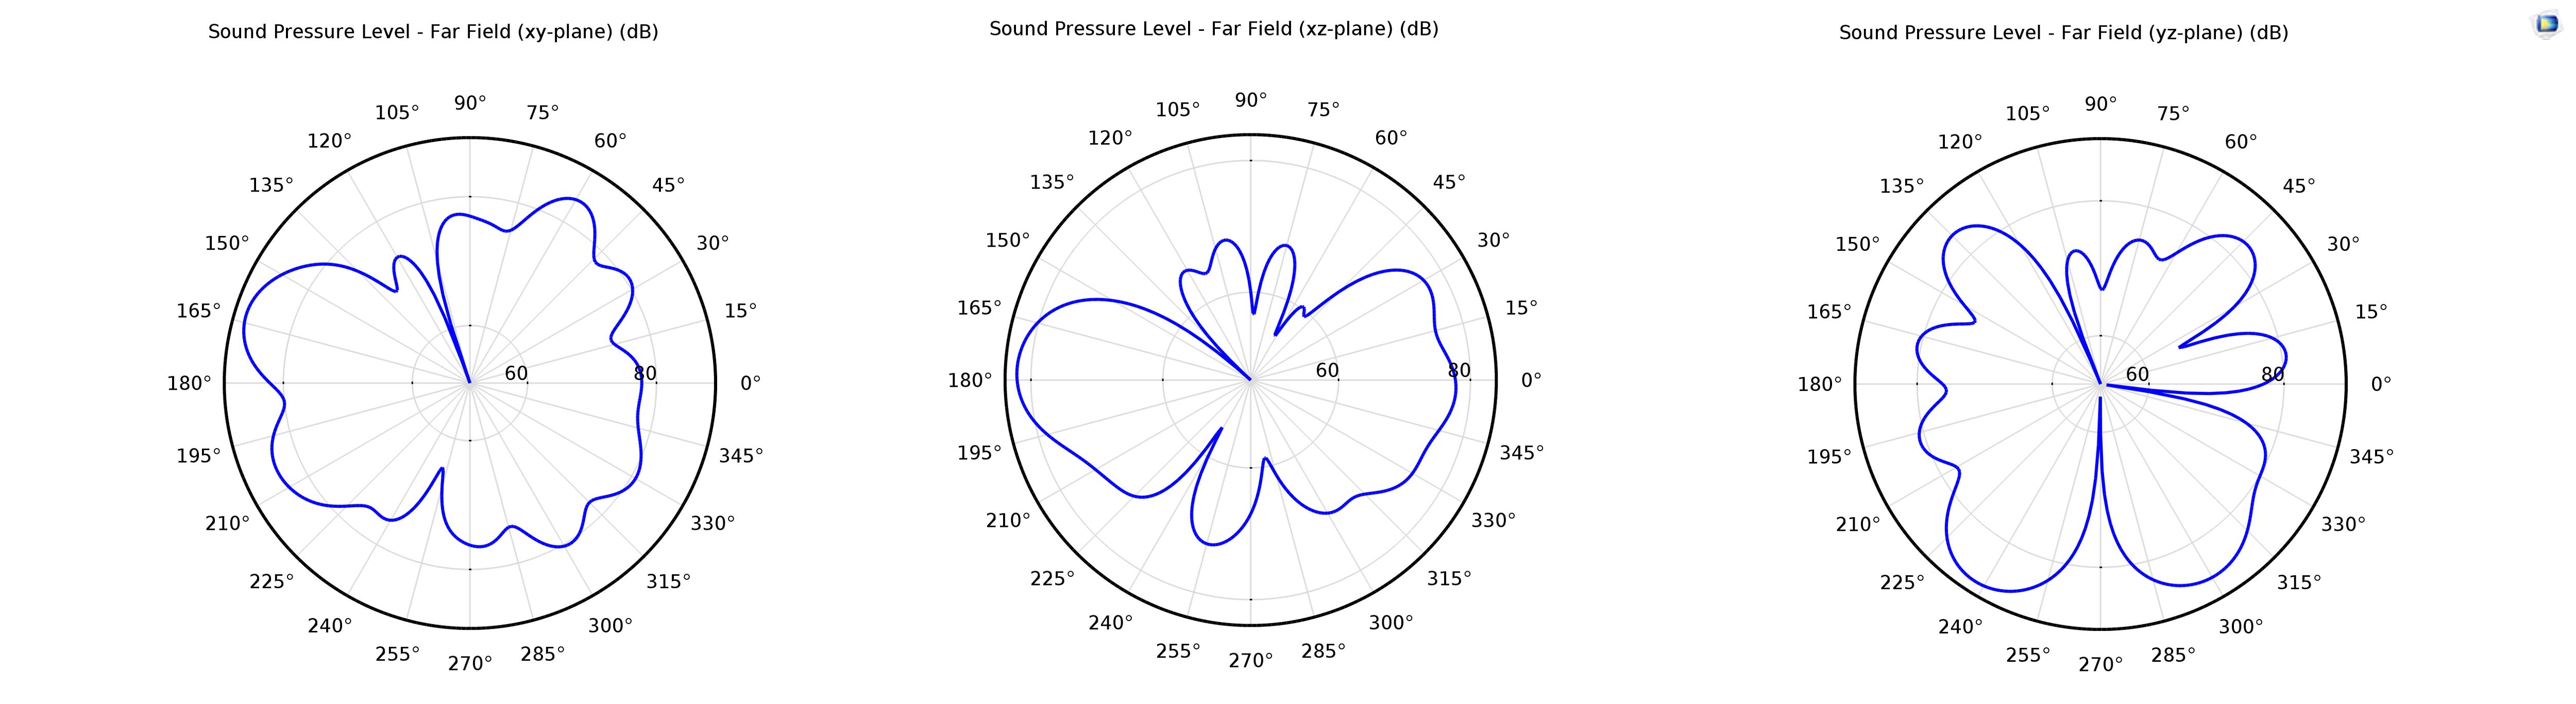 Моделирование вибраций и шума в коробке передач автомобиля - 6